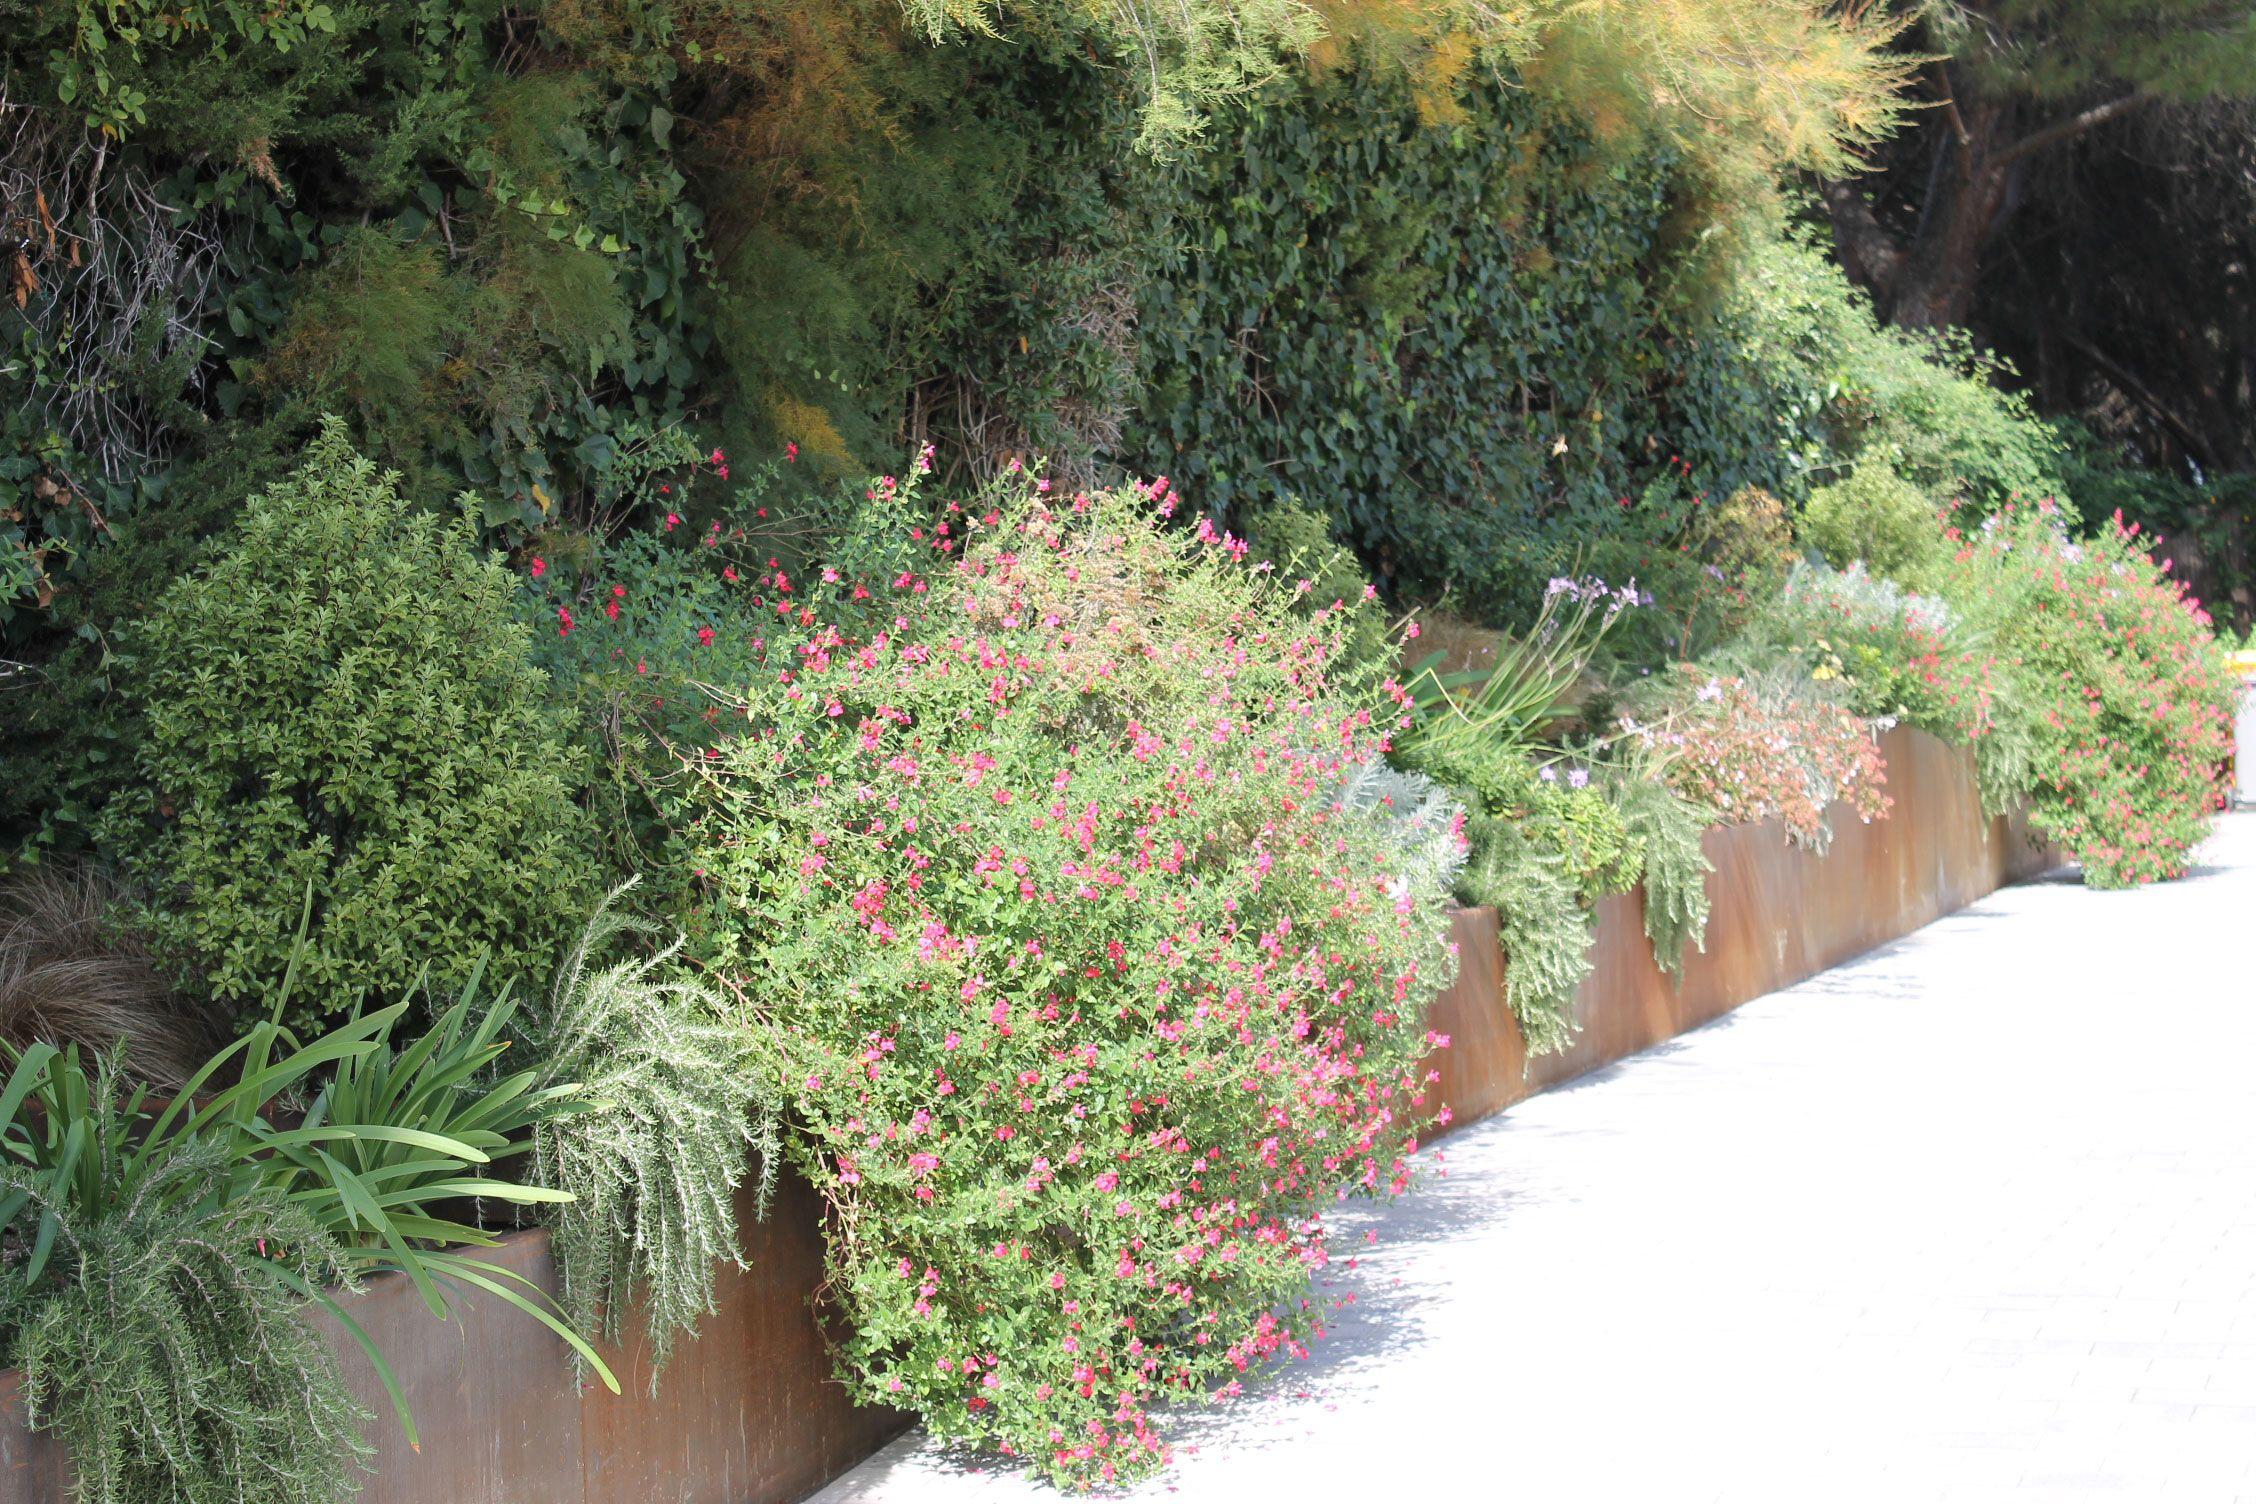 Jard n mediterraneo con jardineras de acero corten con - Jardineras acero corten ...